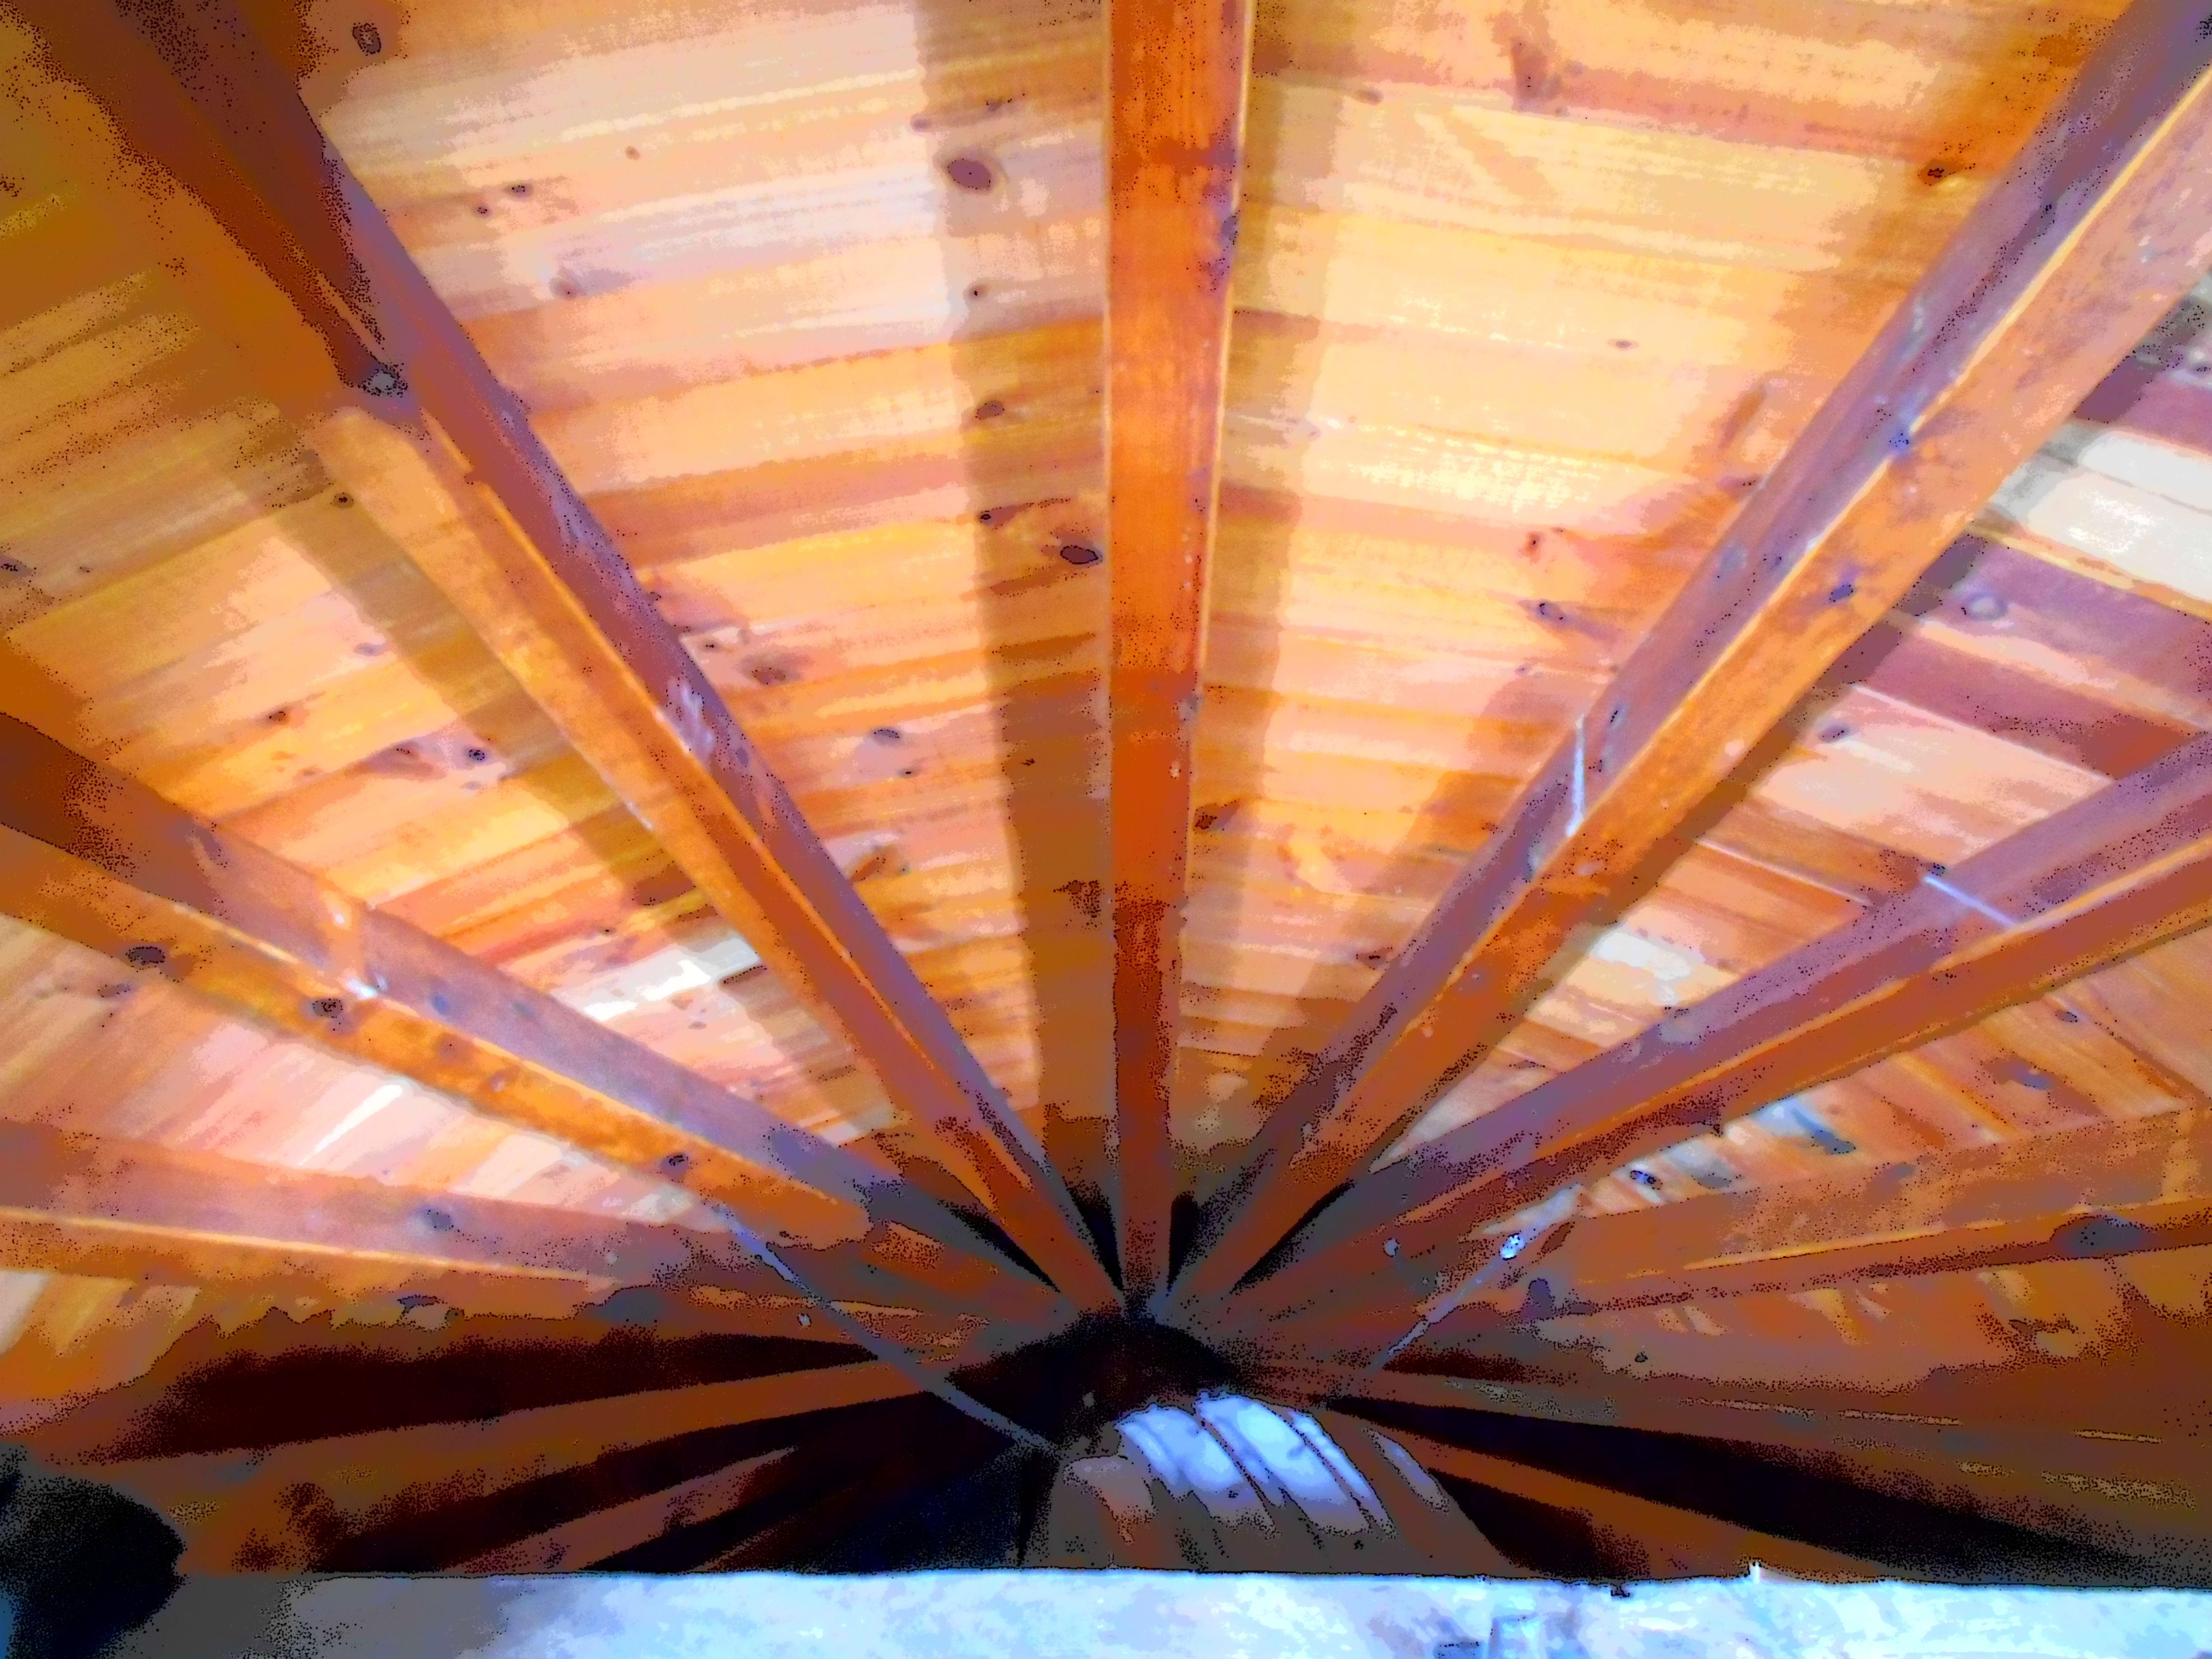 Barras : Costillas , horizontales  y plumas, verticales m  que sujetan y mantienen la forma cónica de la cubierta.